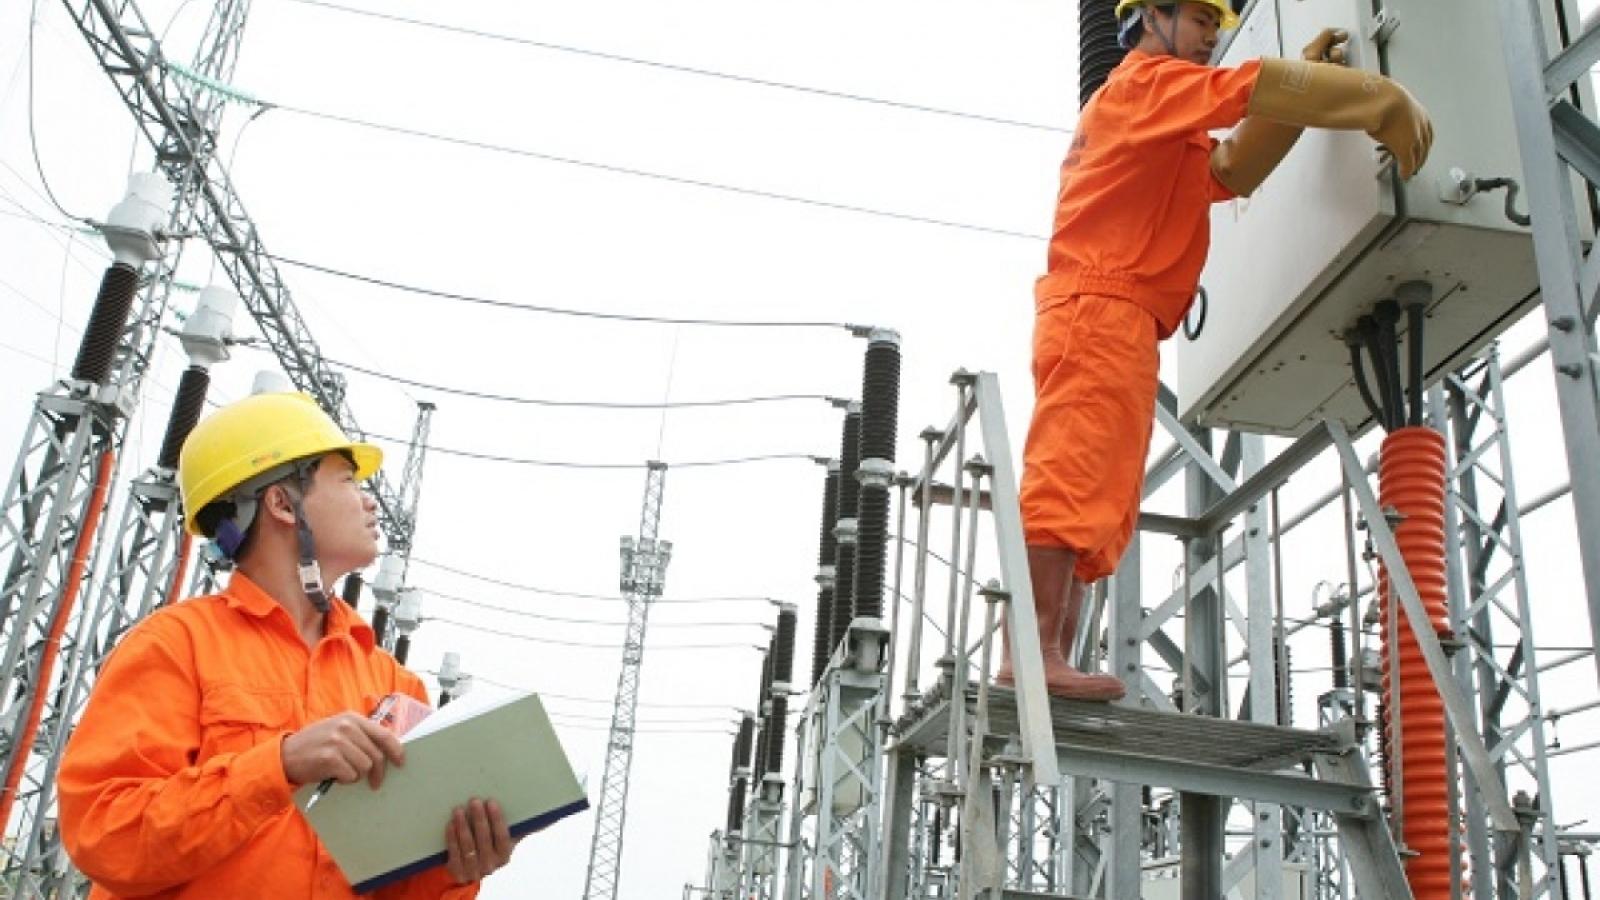 Tiền điện được giảm giá đợt 2 sẽ được hoàn trả trong hóa đơn tháng 1/2021